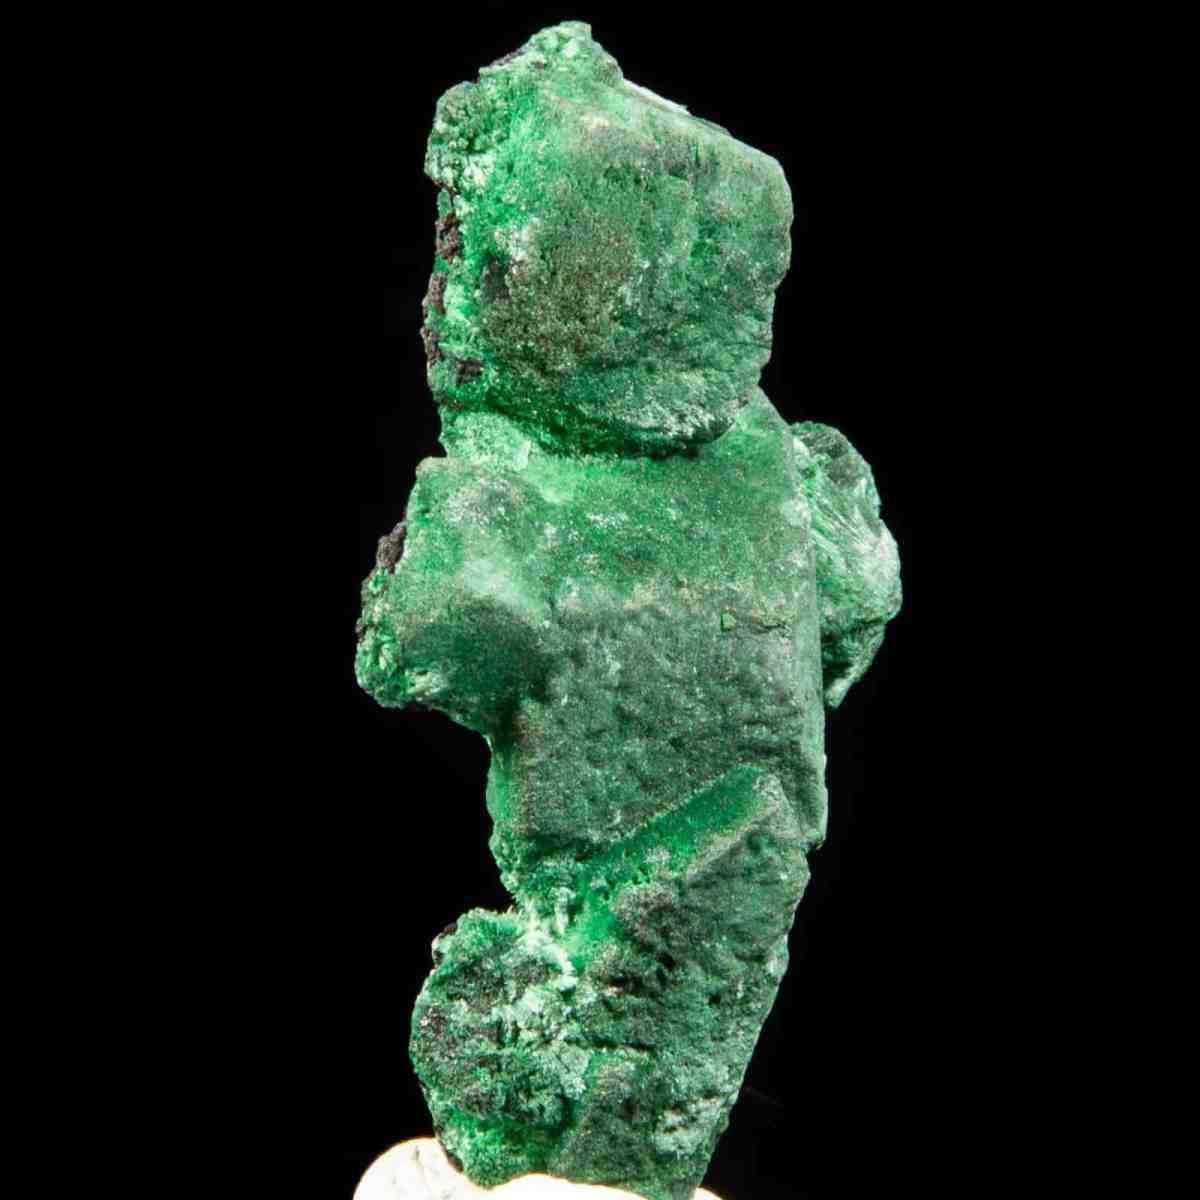 Malachite ps. Azurite